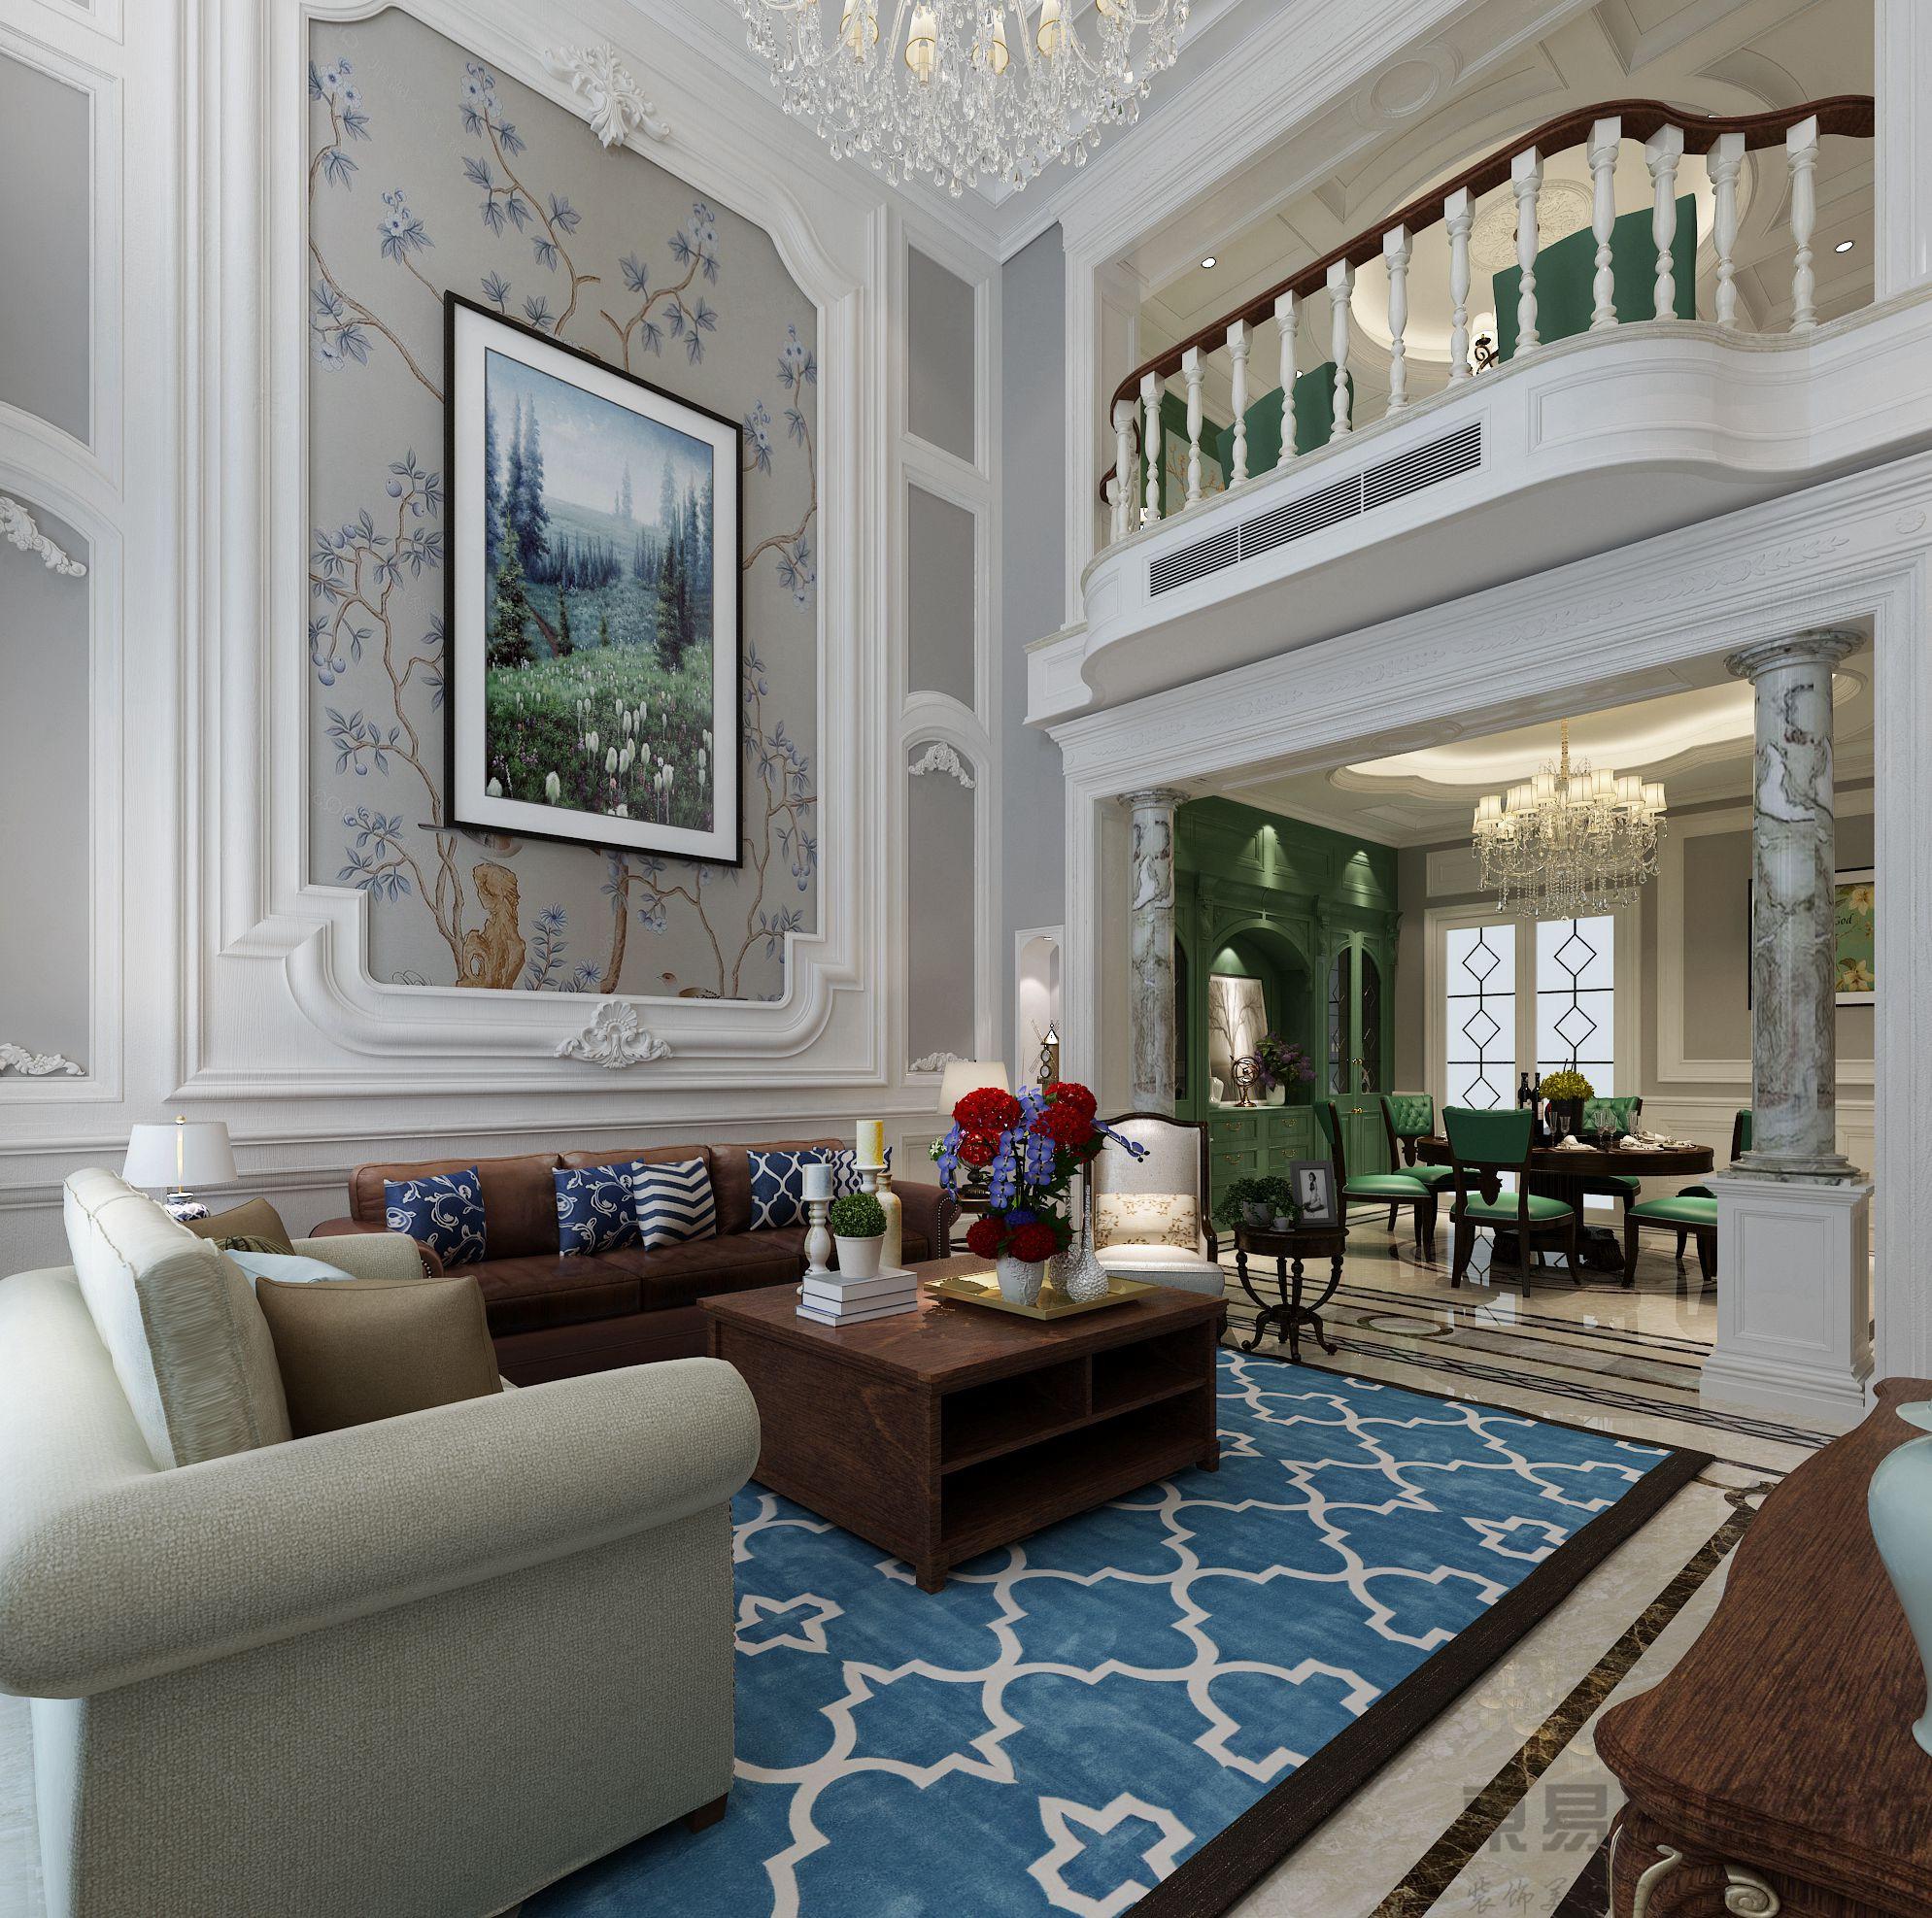 【东易格调】336㎡欧式古典风格别墅装修效果图图片